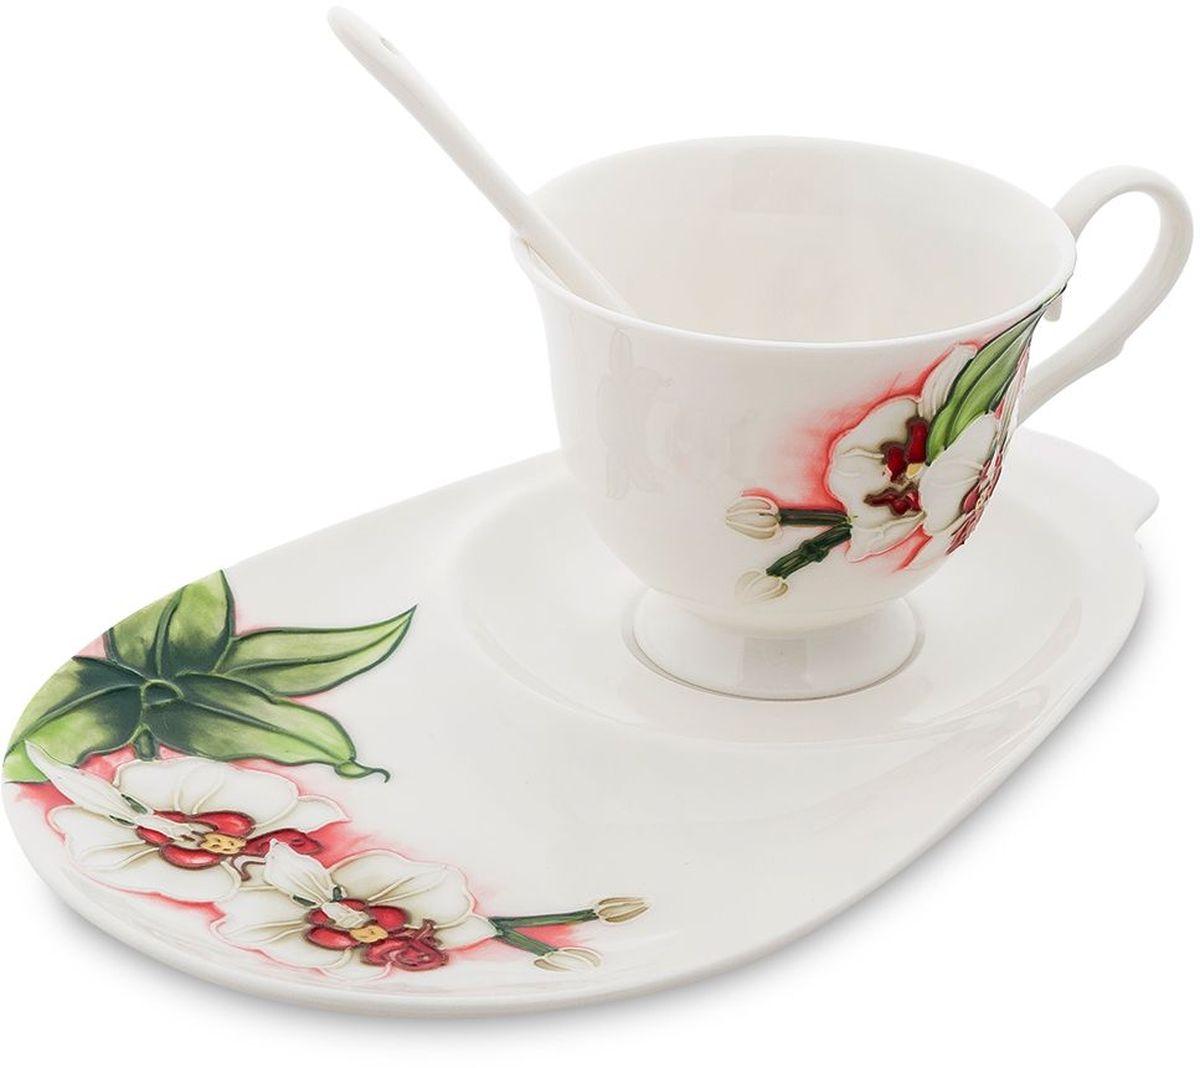 Чайная пара Pavone Королевская орхидея, 3 предмета. 451612115510Объем чашки: 250 мл Длина блюдца: 23 см